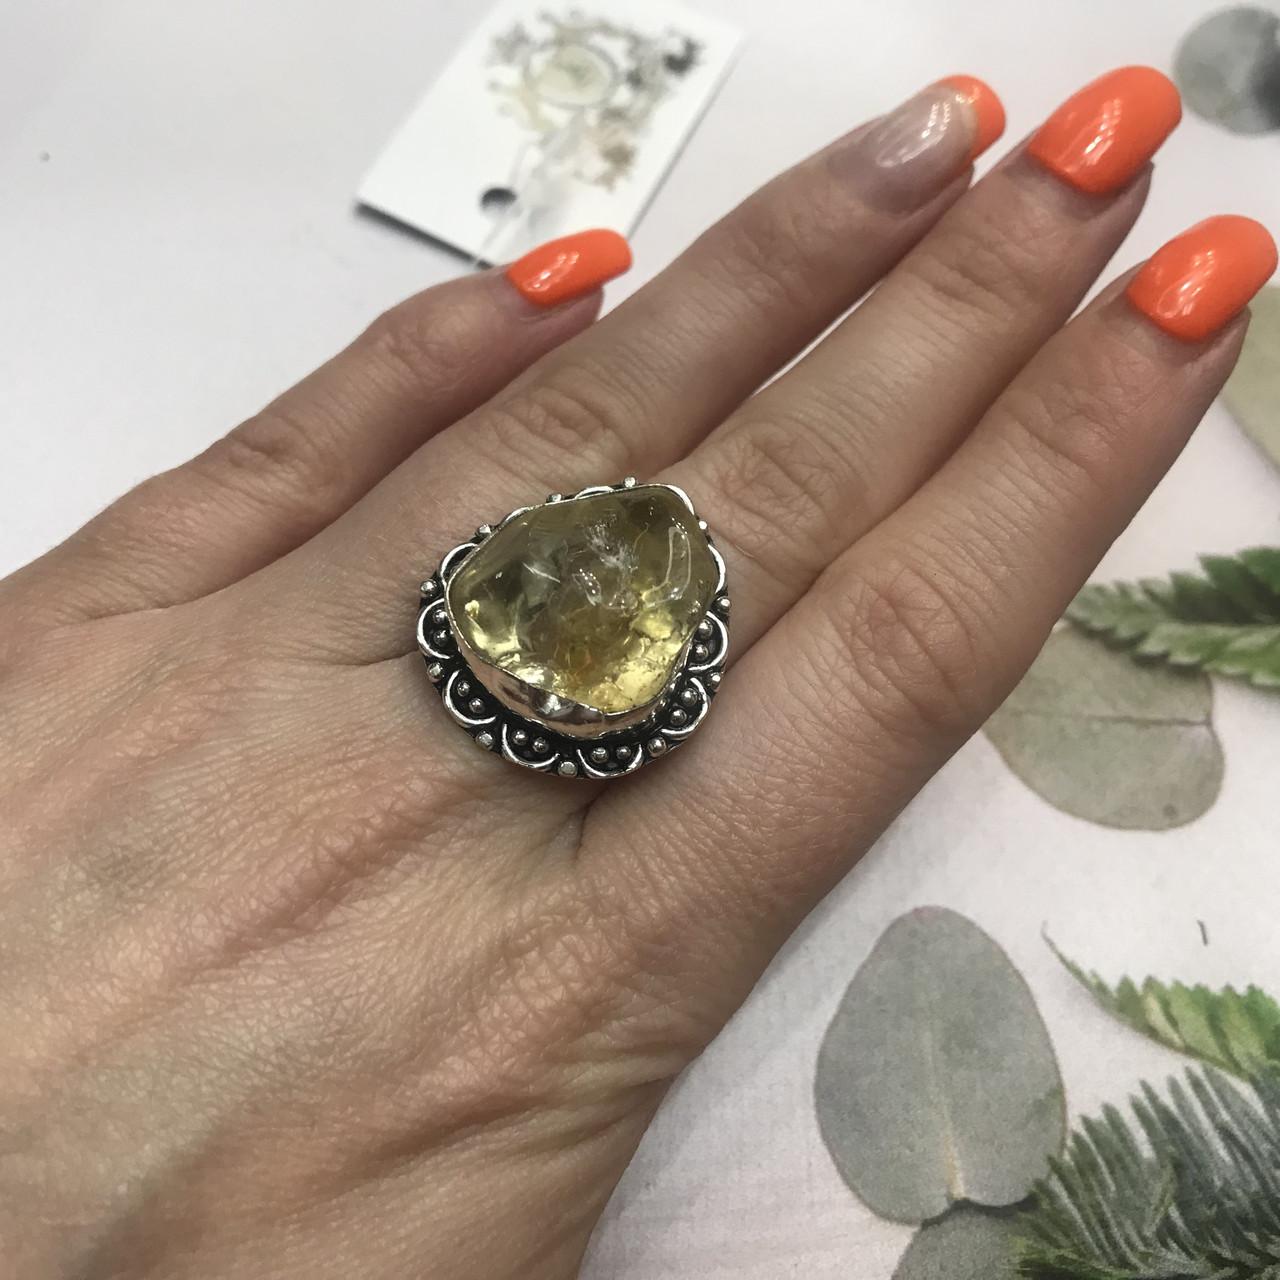 Цитрин 17,8 розмір кільце з цитрином кільце з каменем жовтий цитрин в сріблі Індія